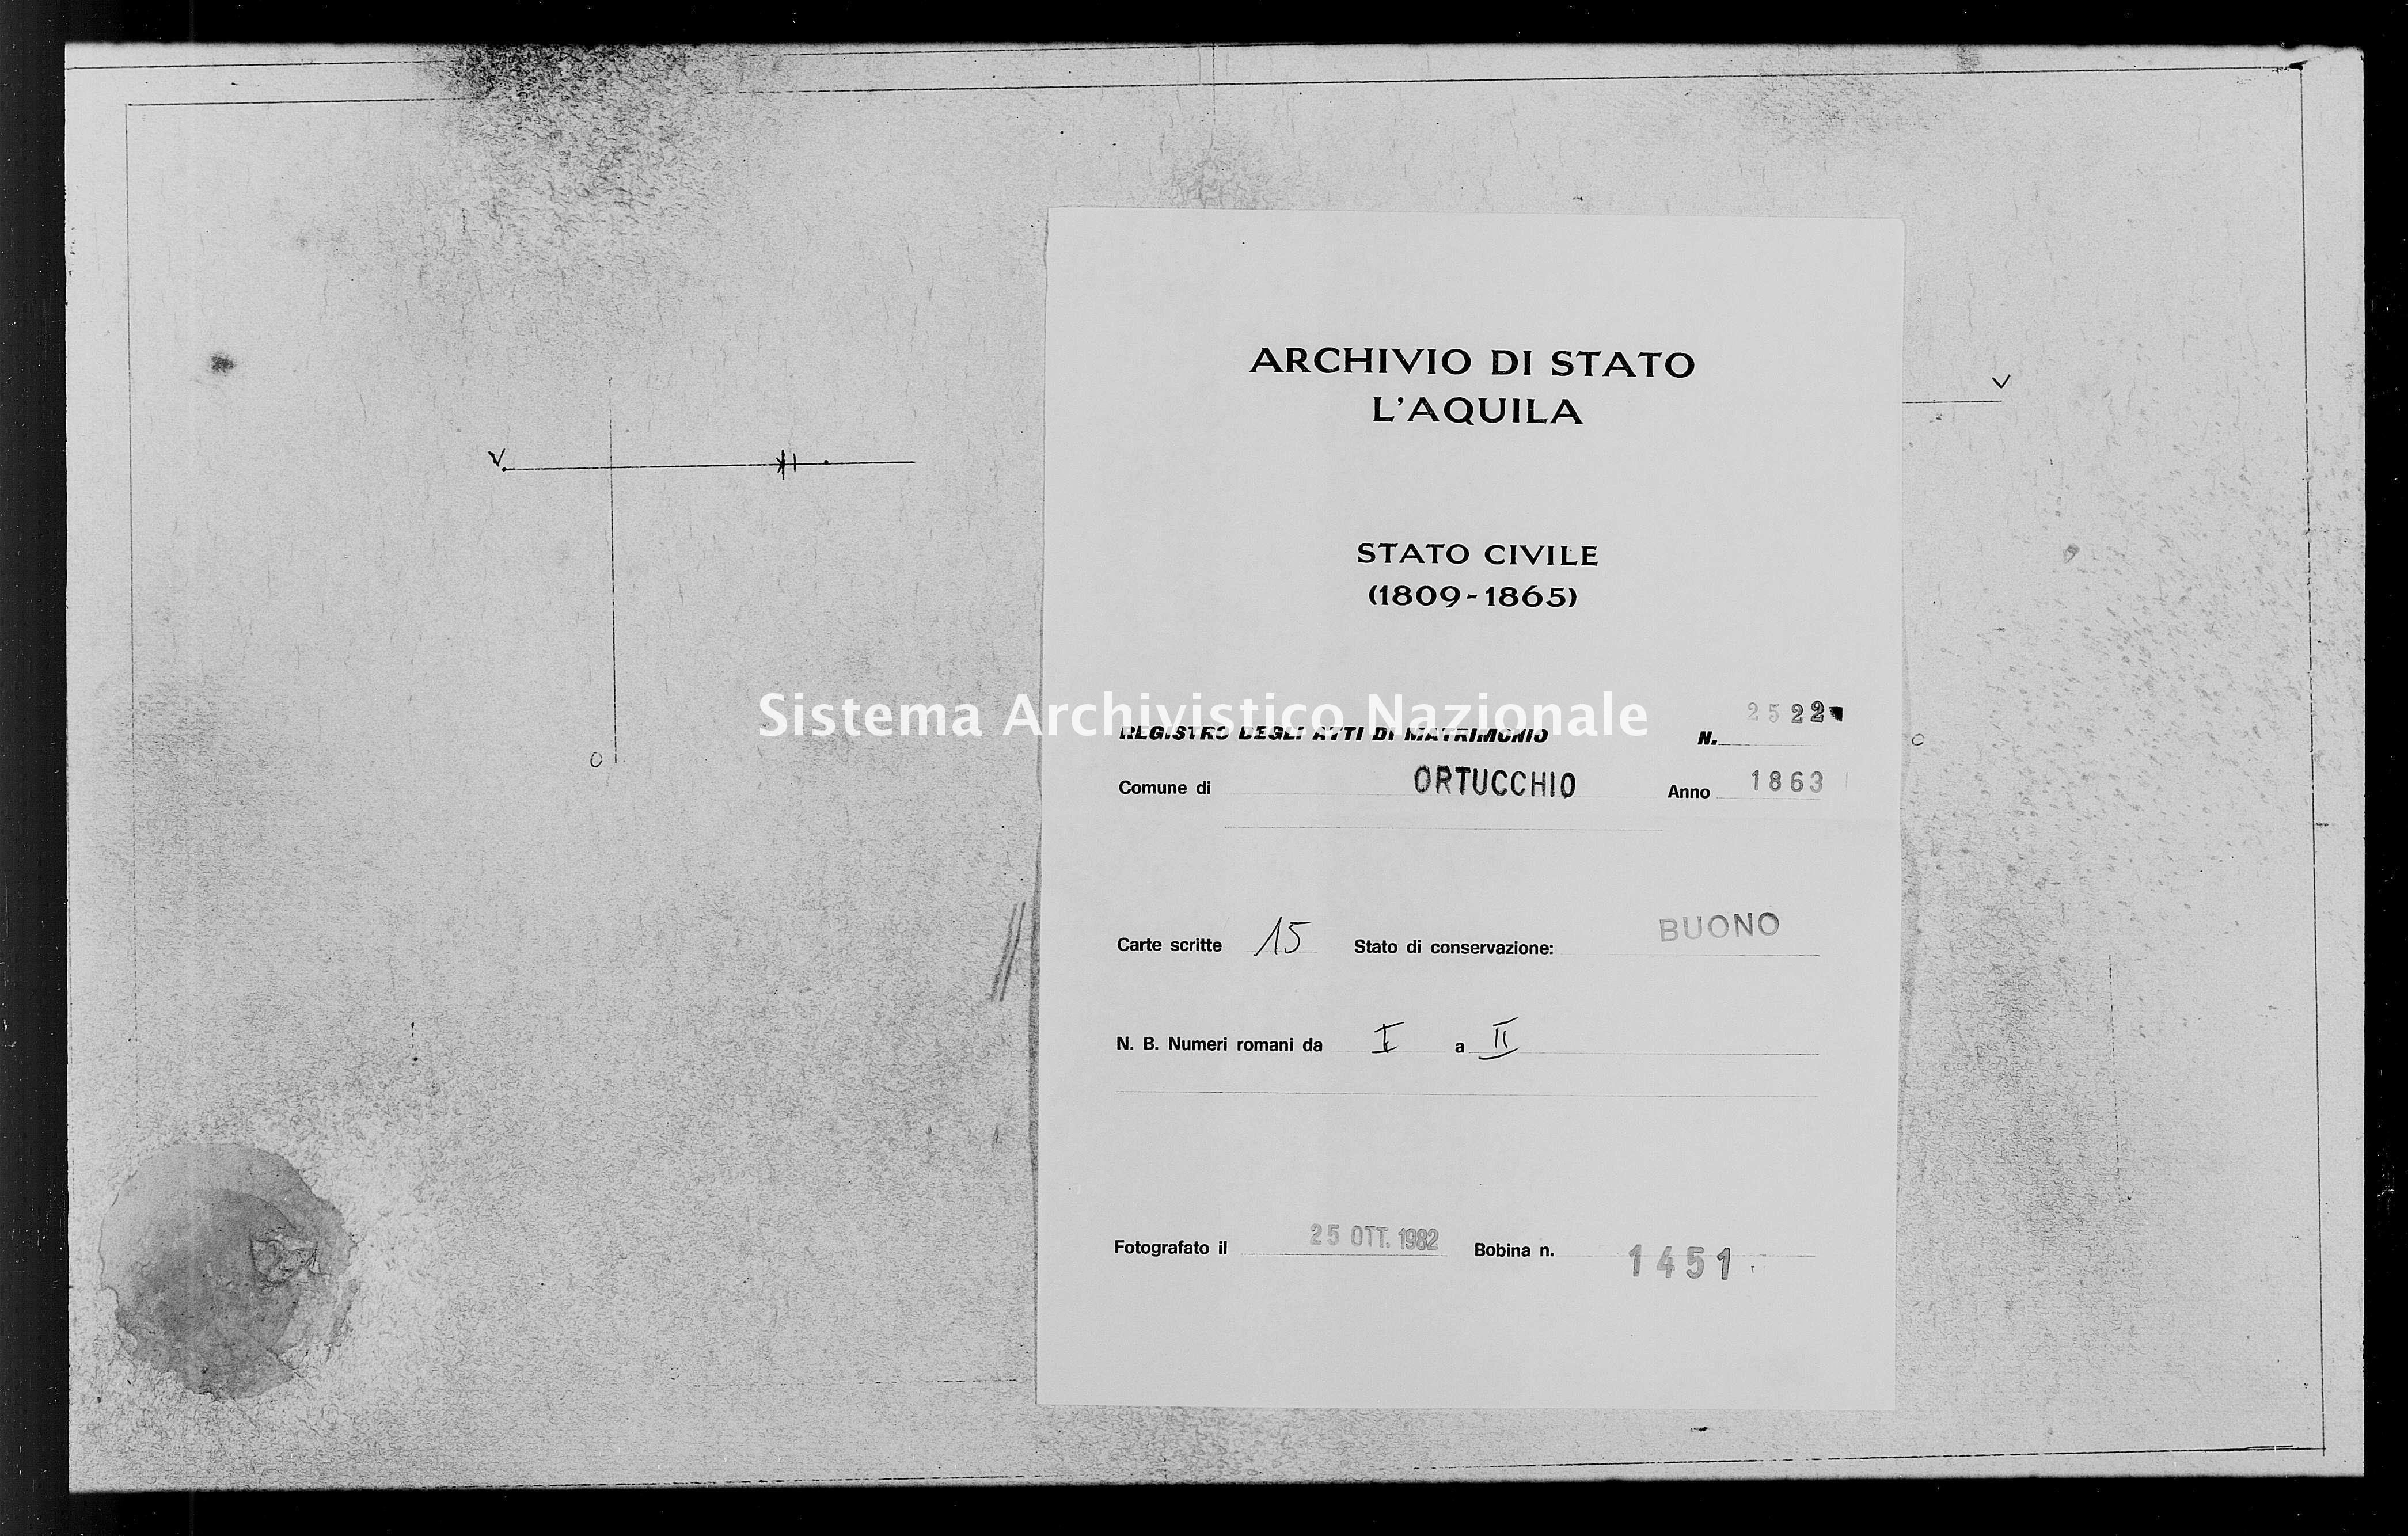 Archivio di stato di L'aquila - Stato civile italiano - Ortucchio - Matrimoni - 1863 - 2522 -